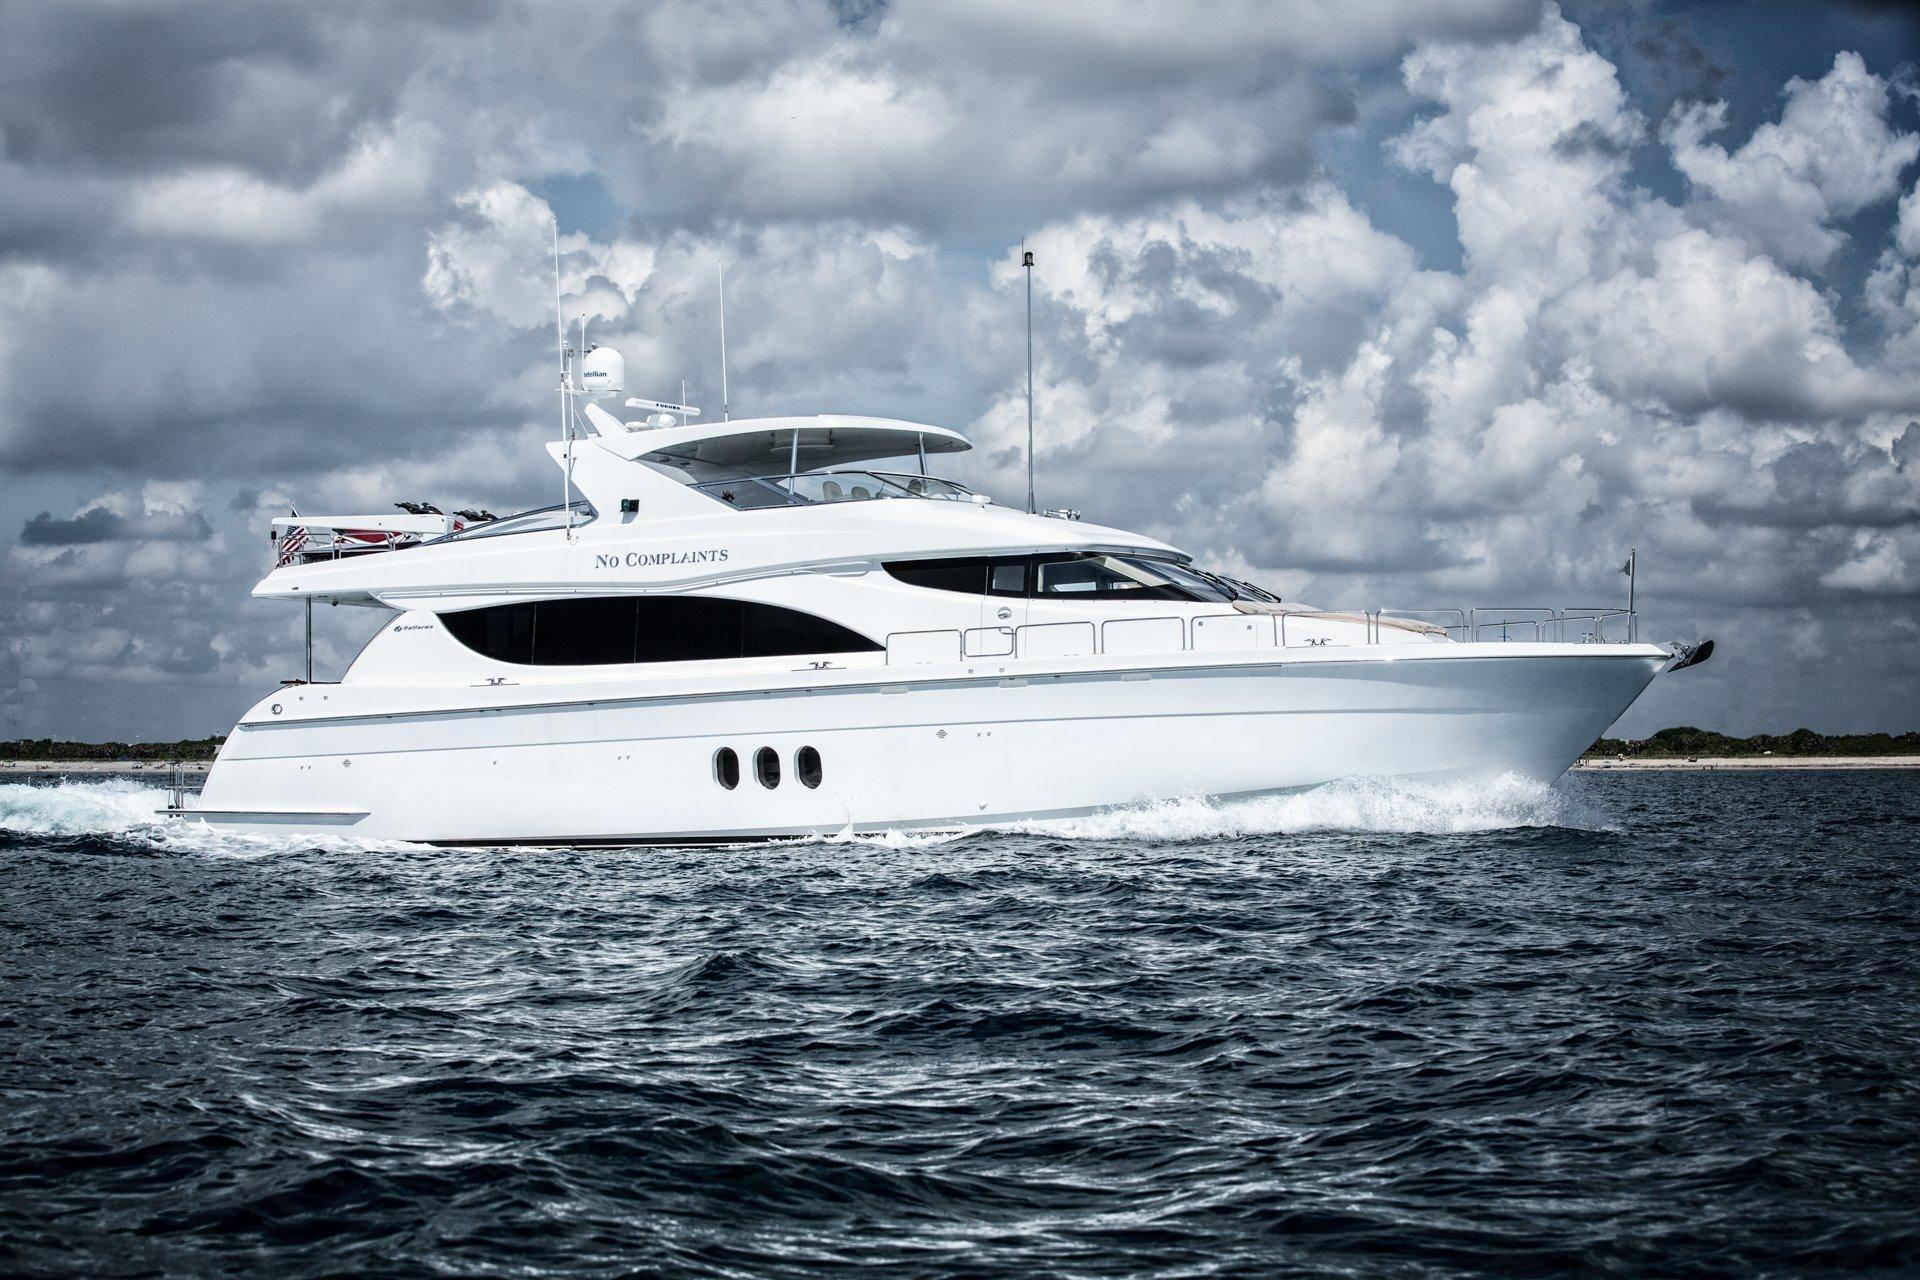 2004 hatteras 80 motor yacht power boat for sale www for 80 hatteras motor yacht